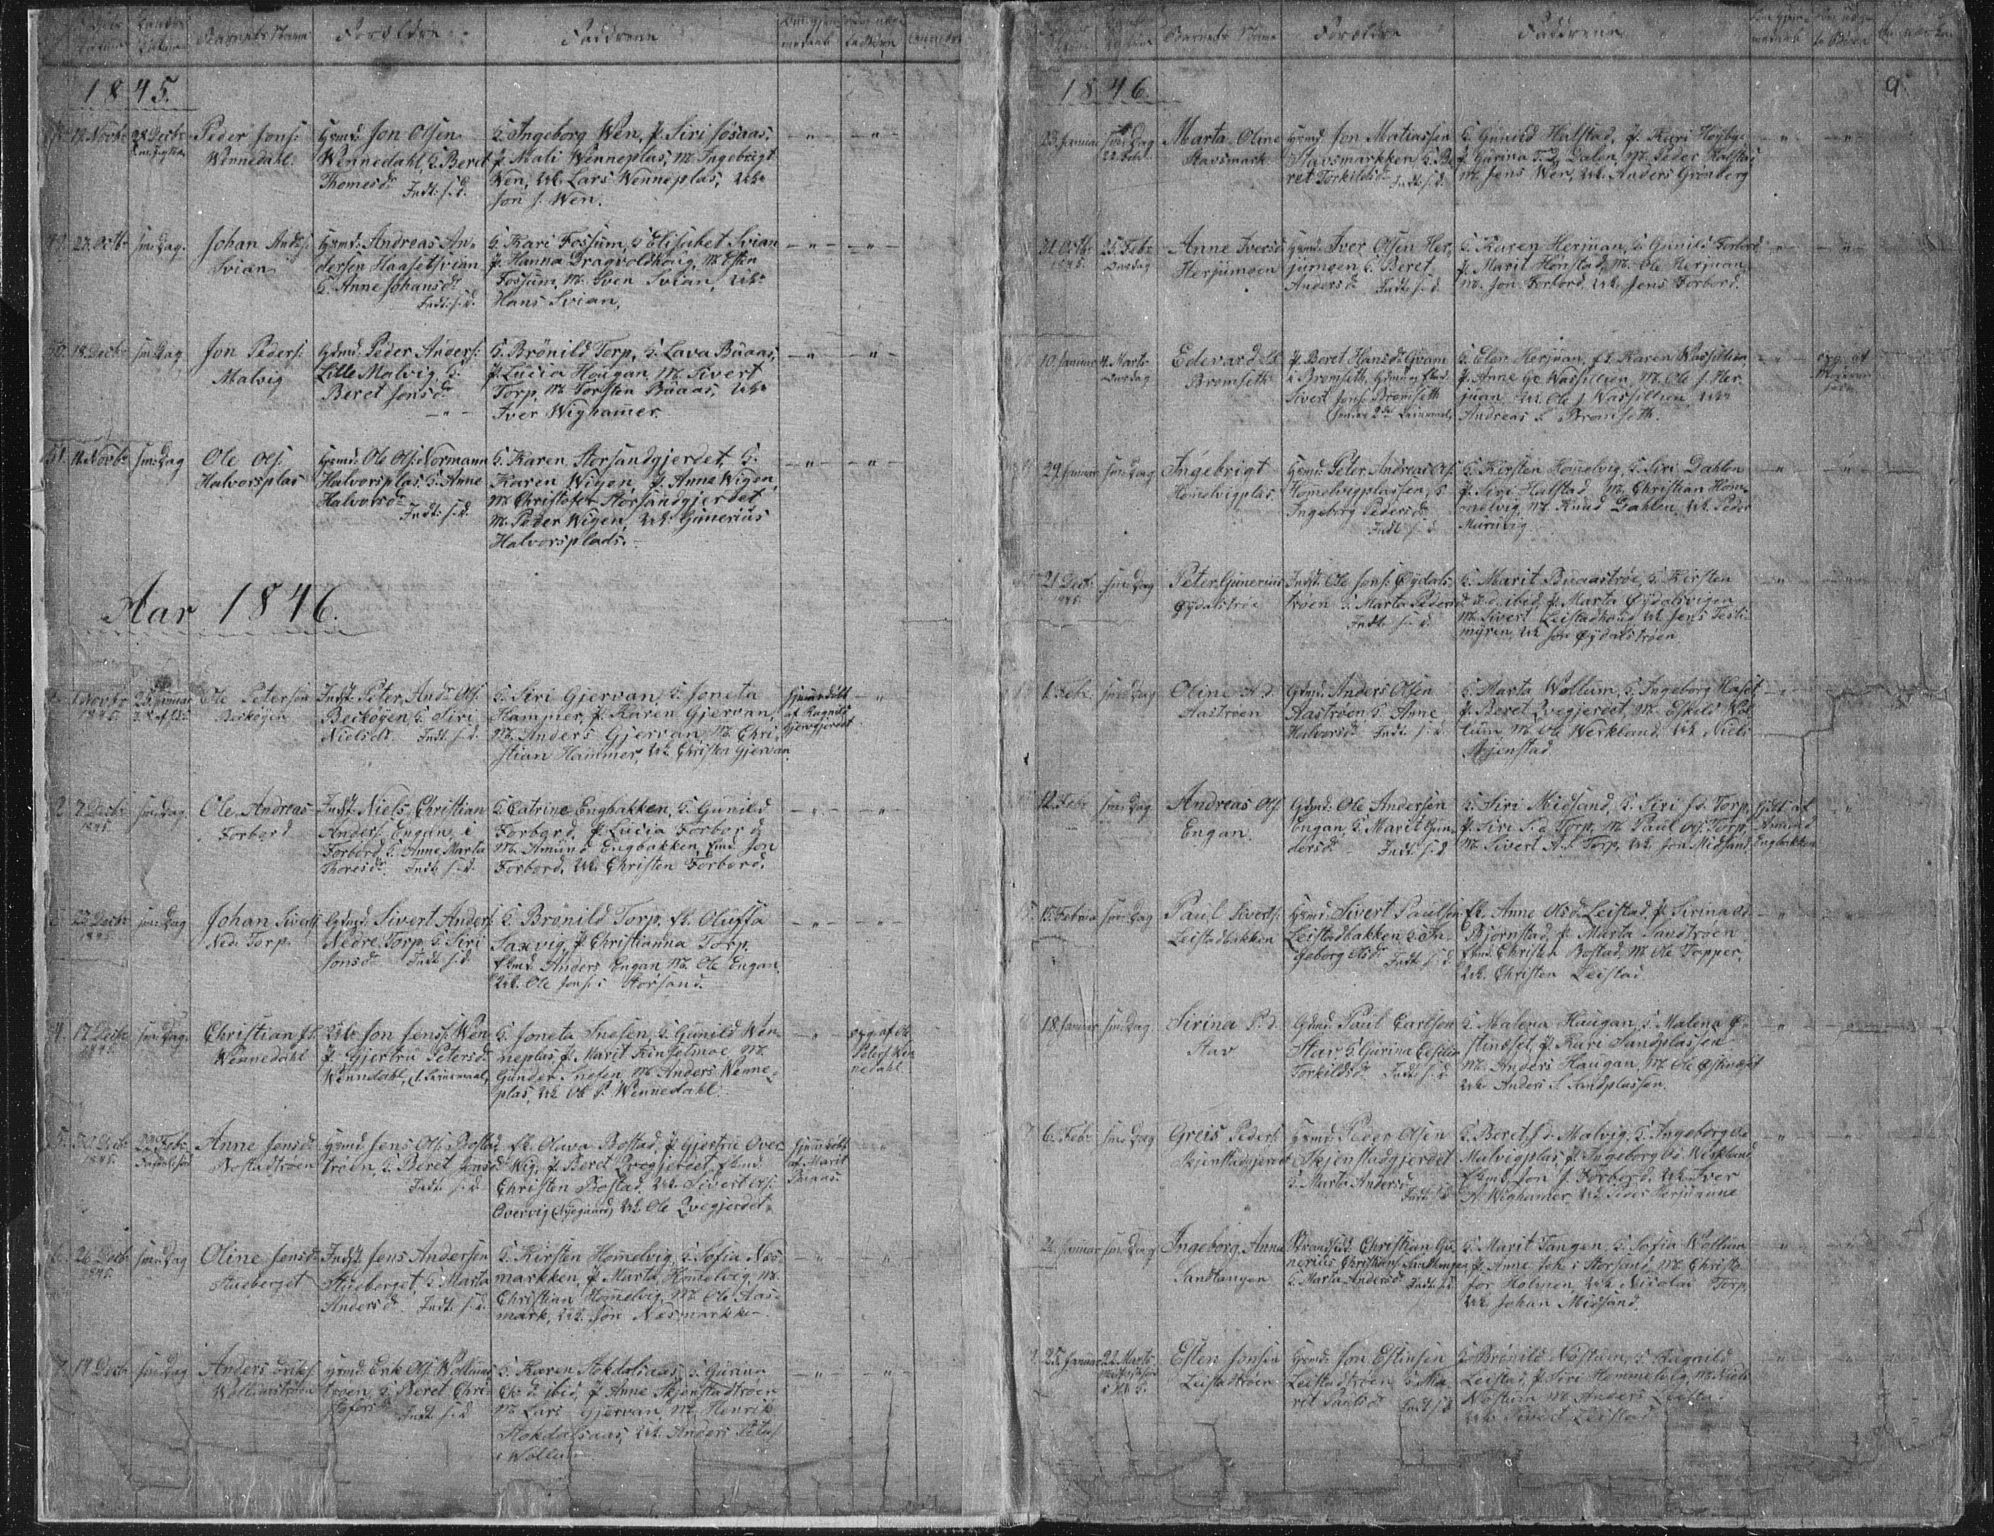 SAT, Ministerialprotokoller, klokkerbøker og fødselsregistre - Sør-Trøndelag, 616/L0406: Ministerialbok nr. 616A03, 1843-1879, s. 9